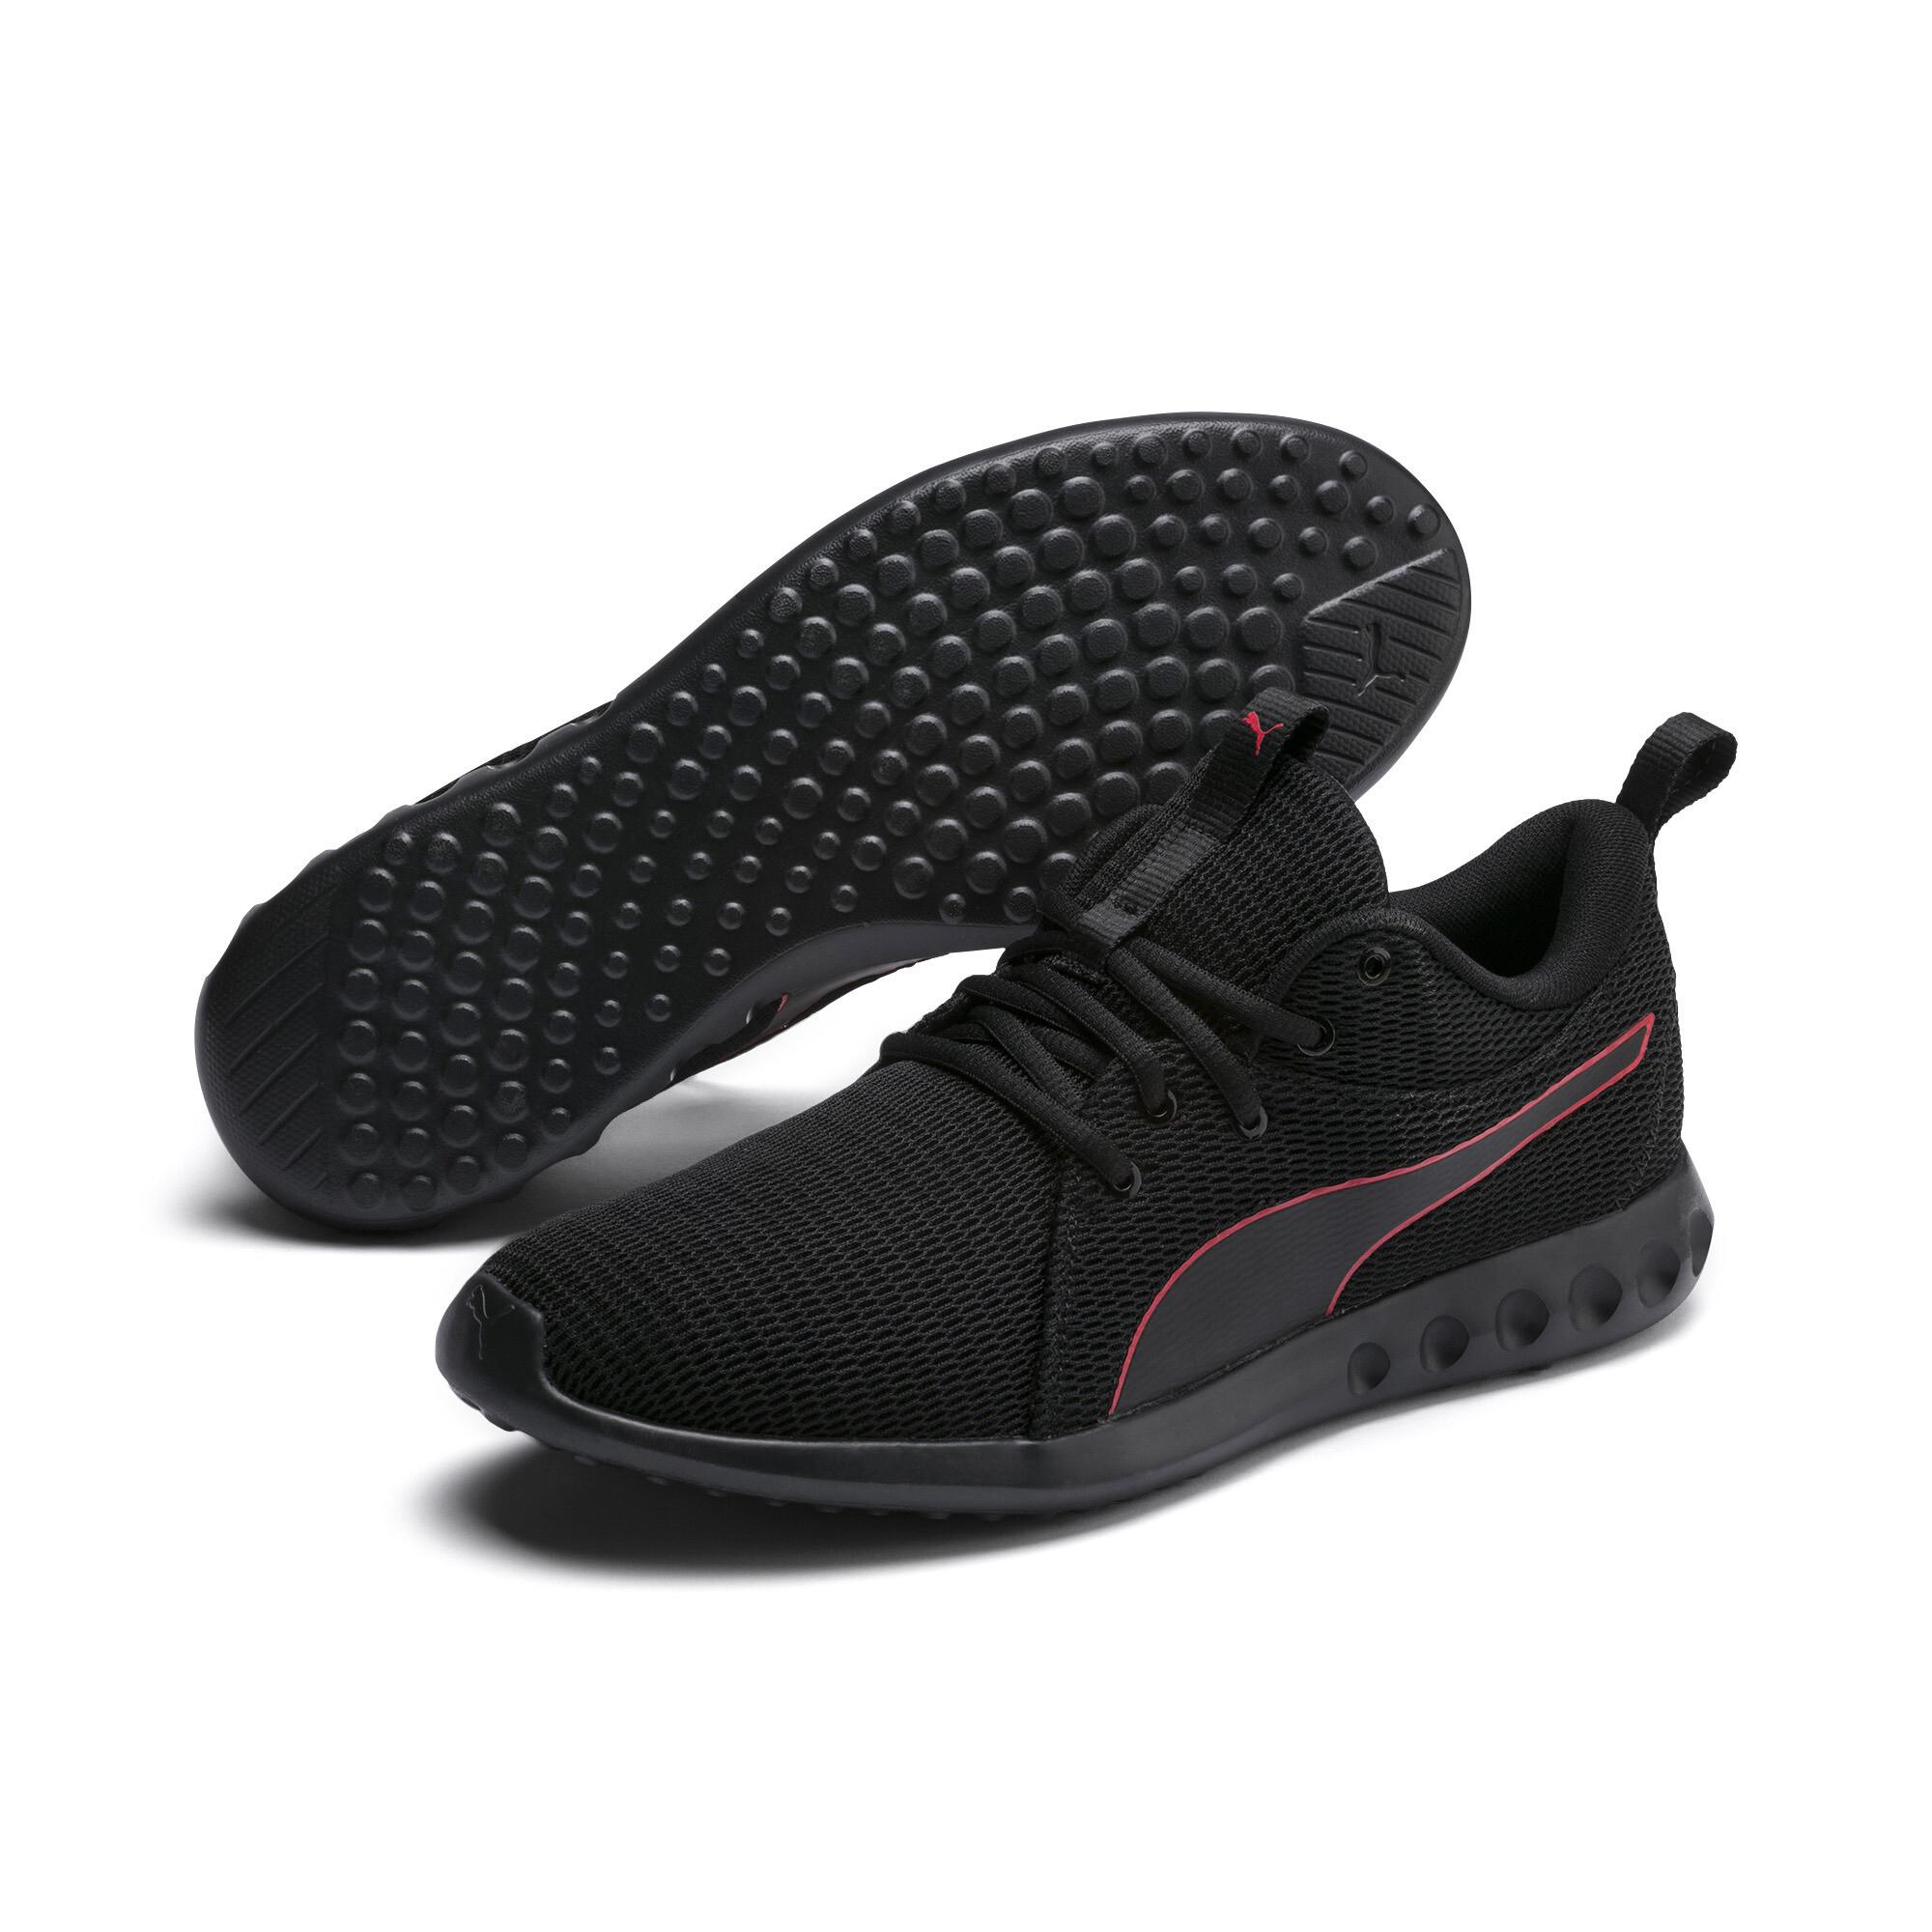 Schuhe Puma Laufschuhe Männer Laufen Neu New Zu 2 Herren Details Carson Core rdCoWxBe